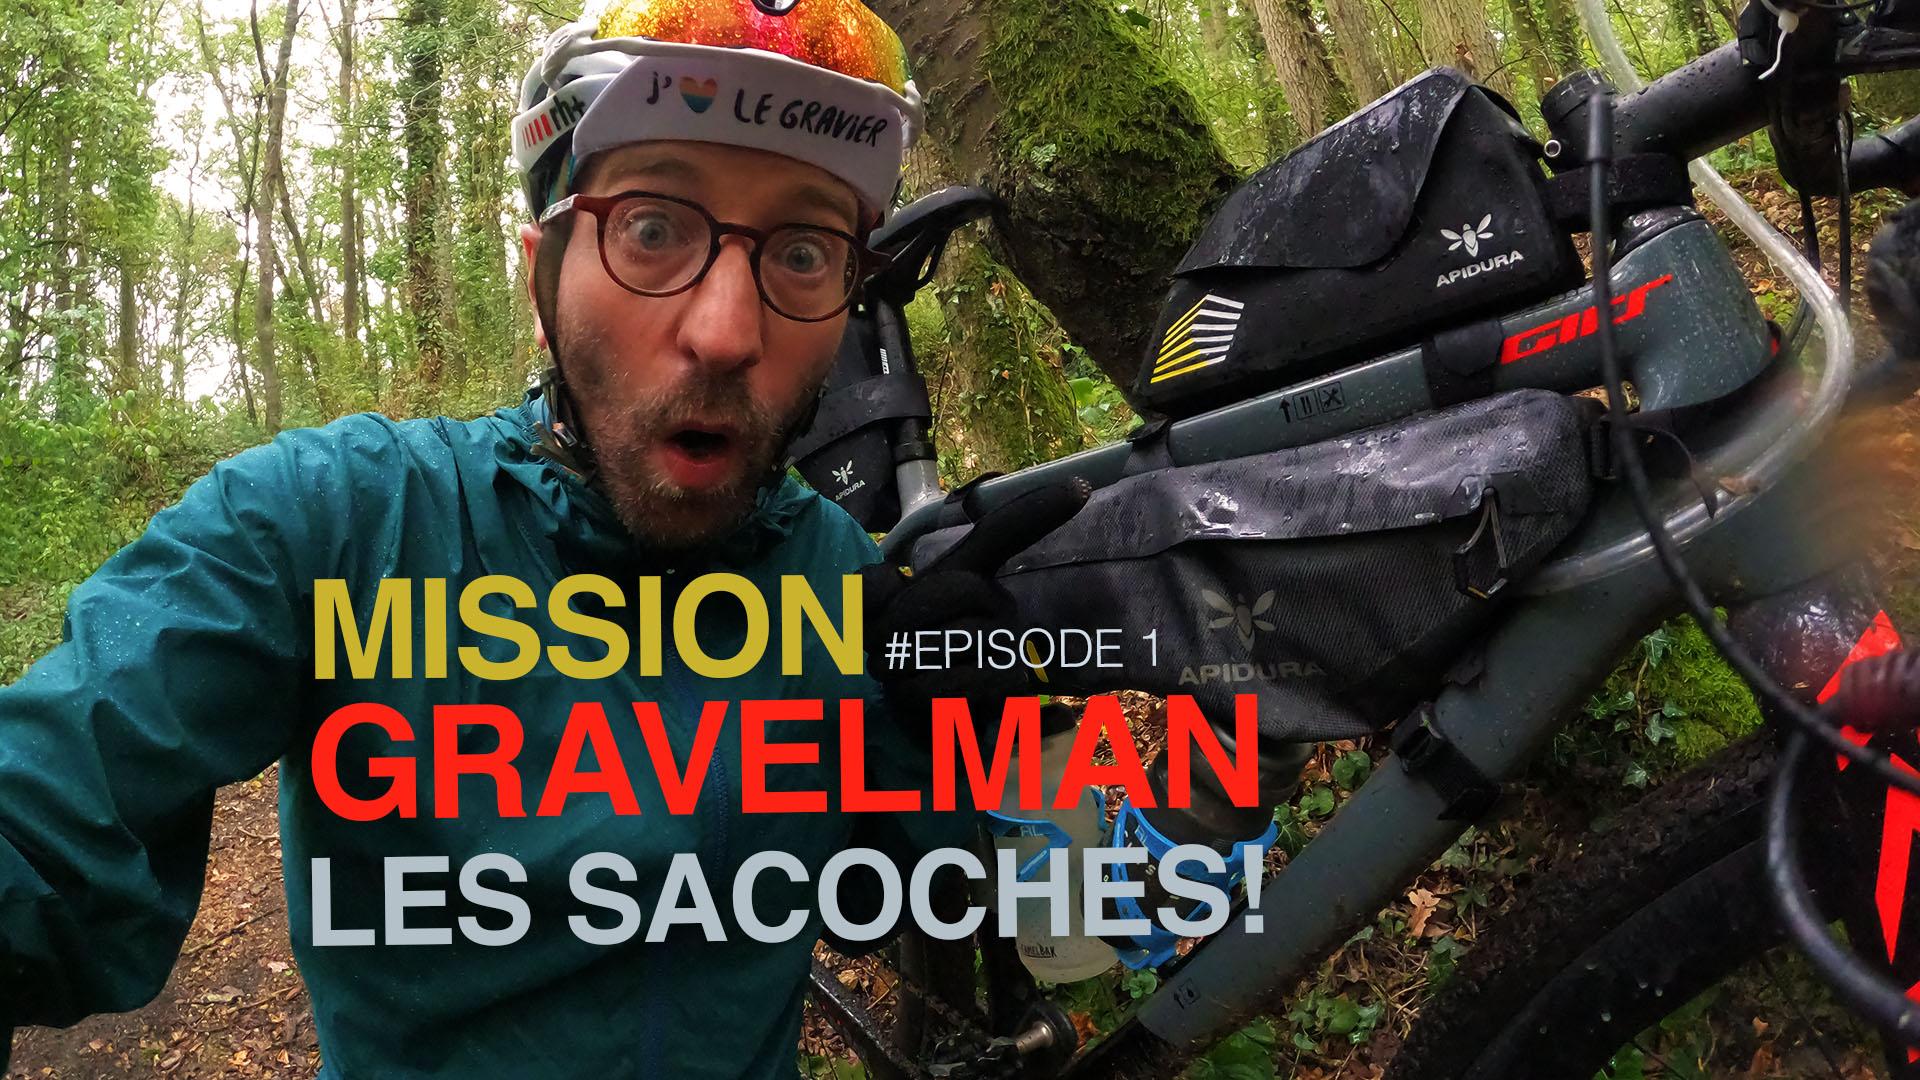 Mission Gravelman : Les sacoches